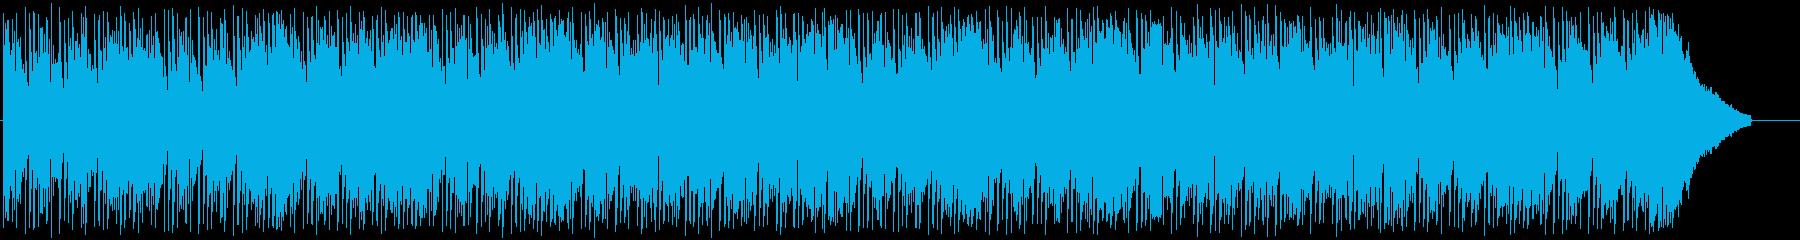 軽快でほのぼのしたテクノポップの曲の再生済みの波形